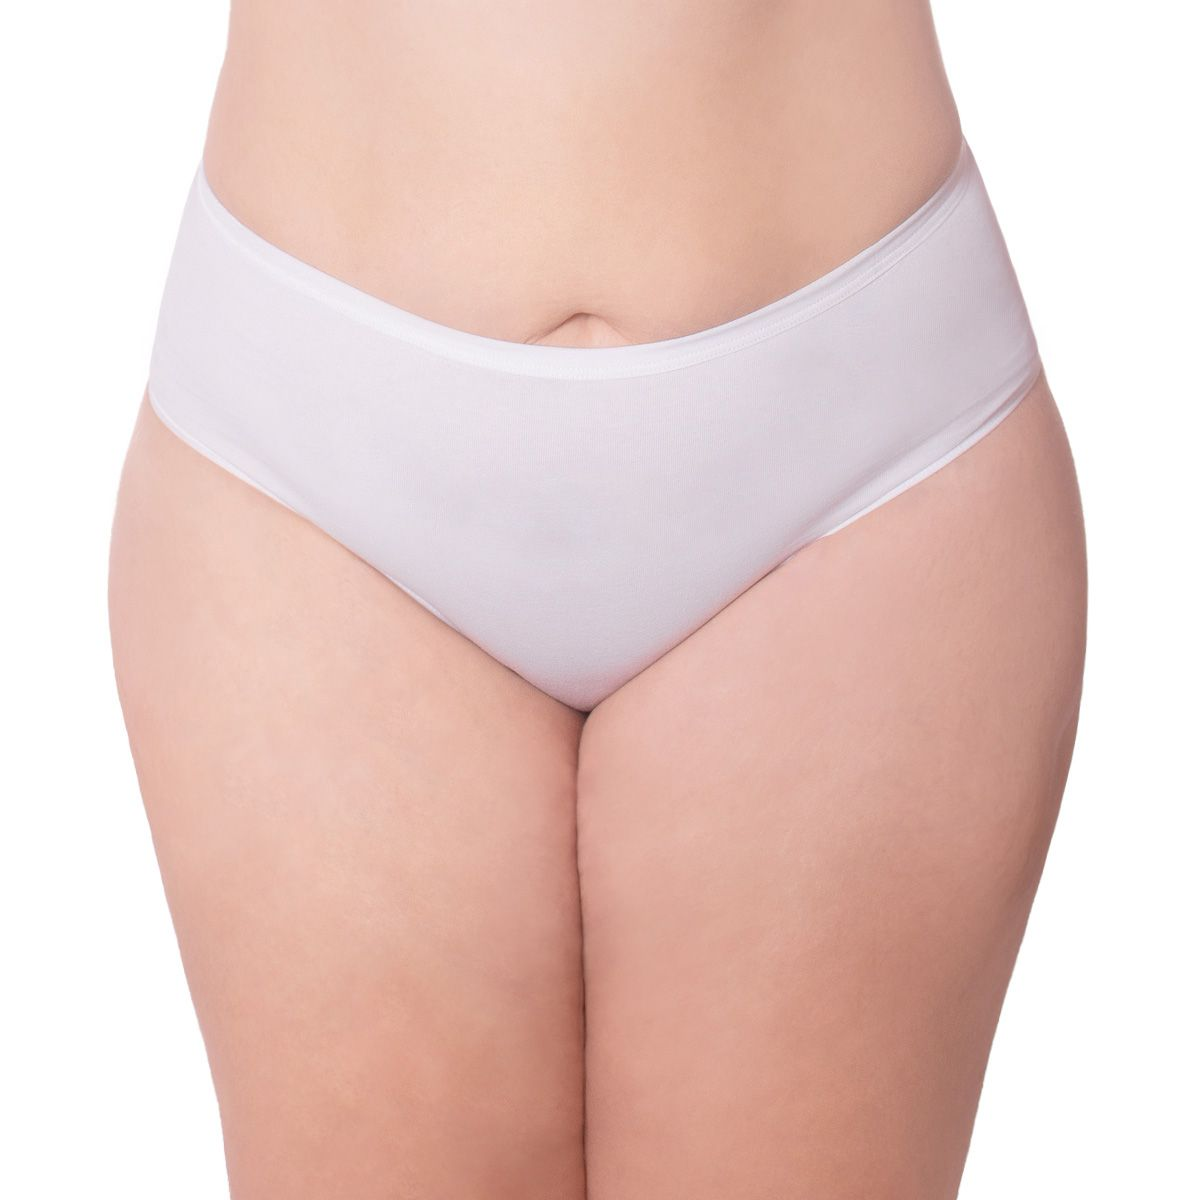 Kit com 2 calcinhas modelo tanga cintura alta algodão Econfort